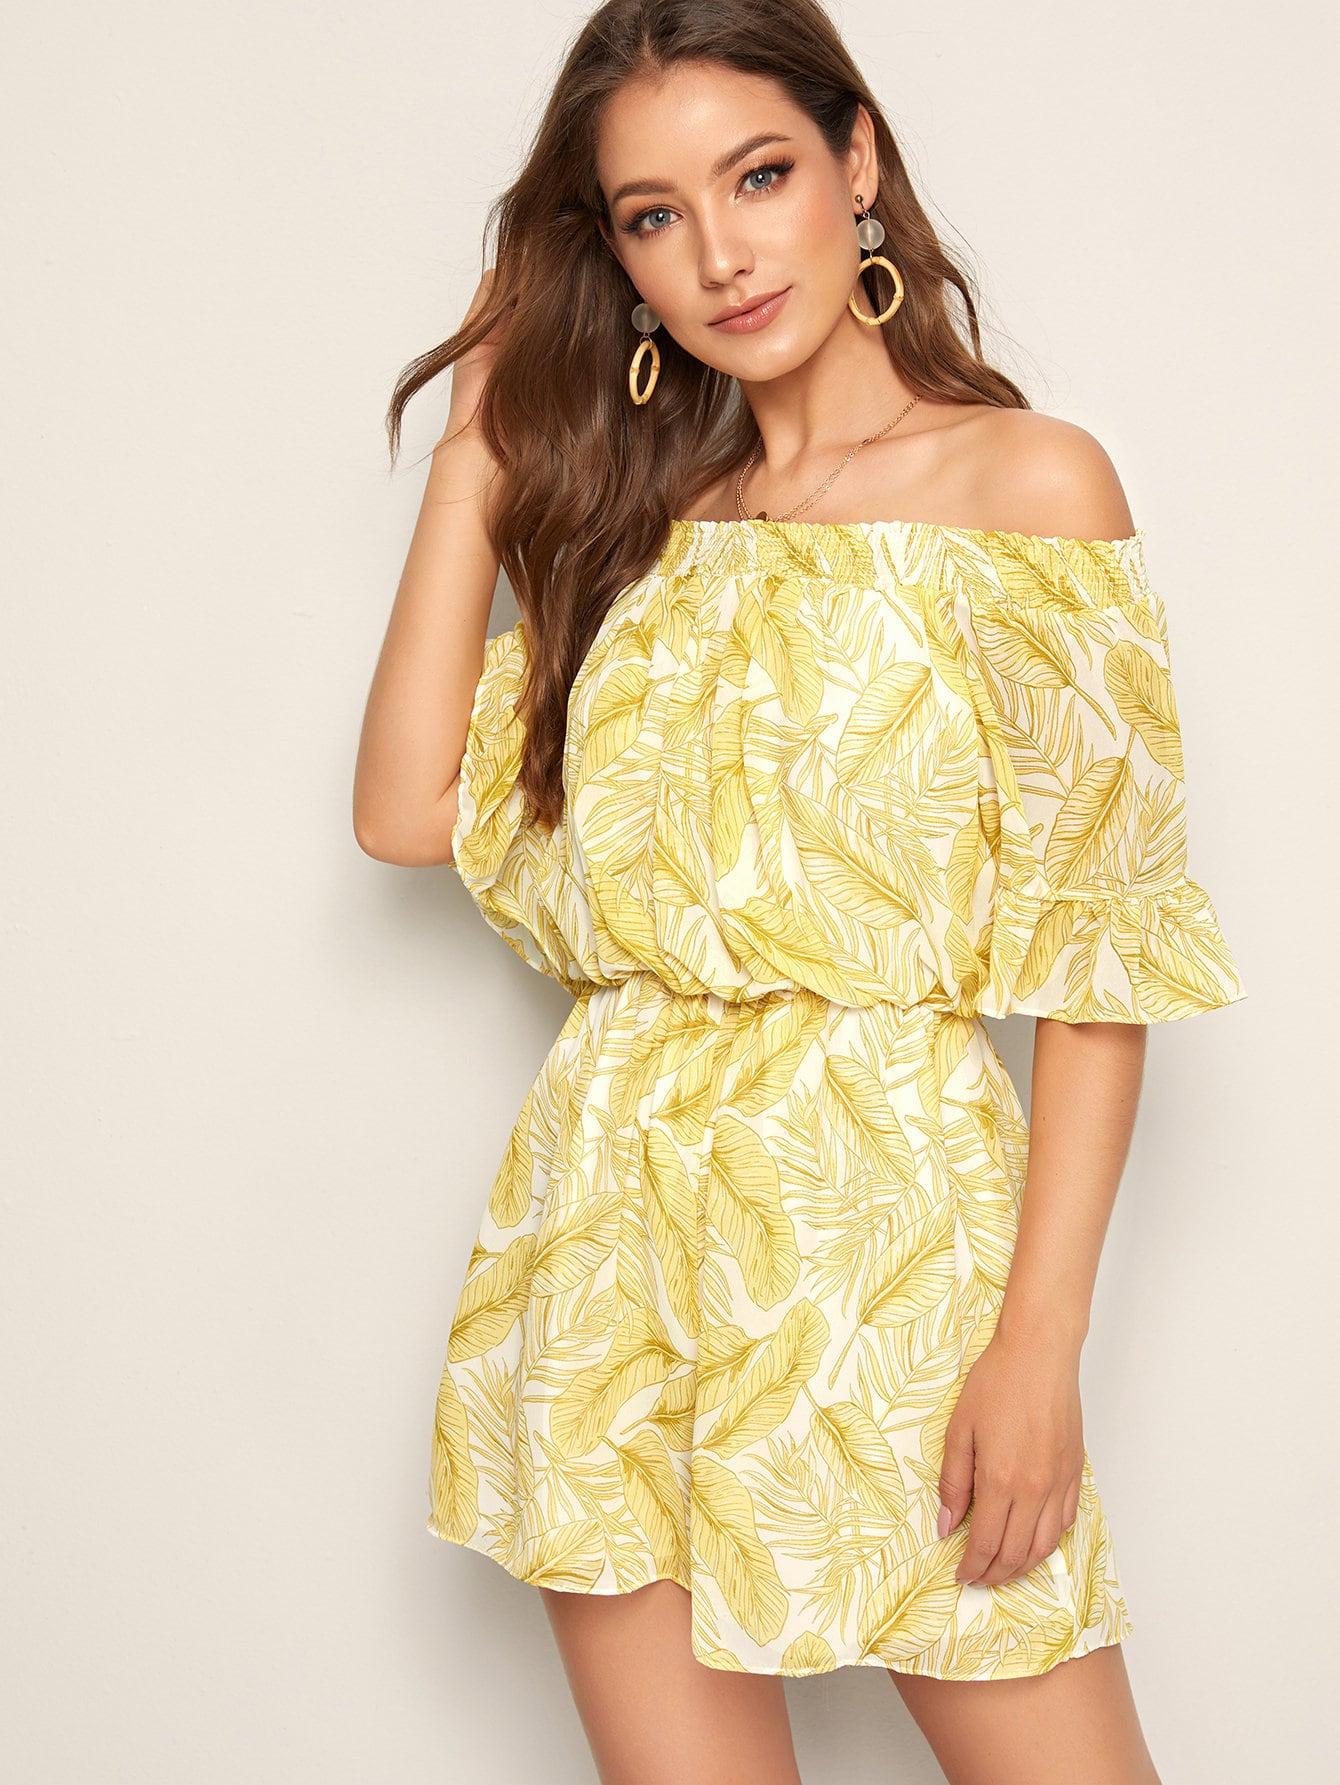 Фото - Комбинезон с открытыми плечами и тропическим принтом от SheIn желтого цвета